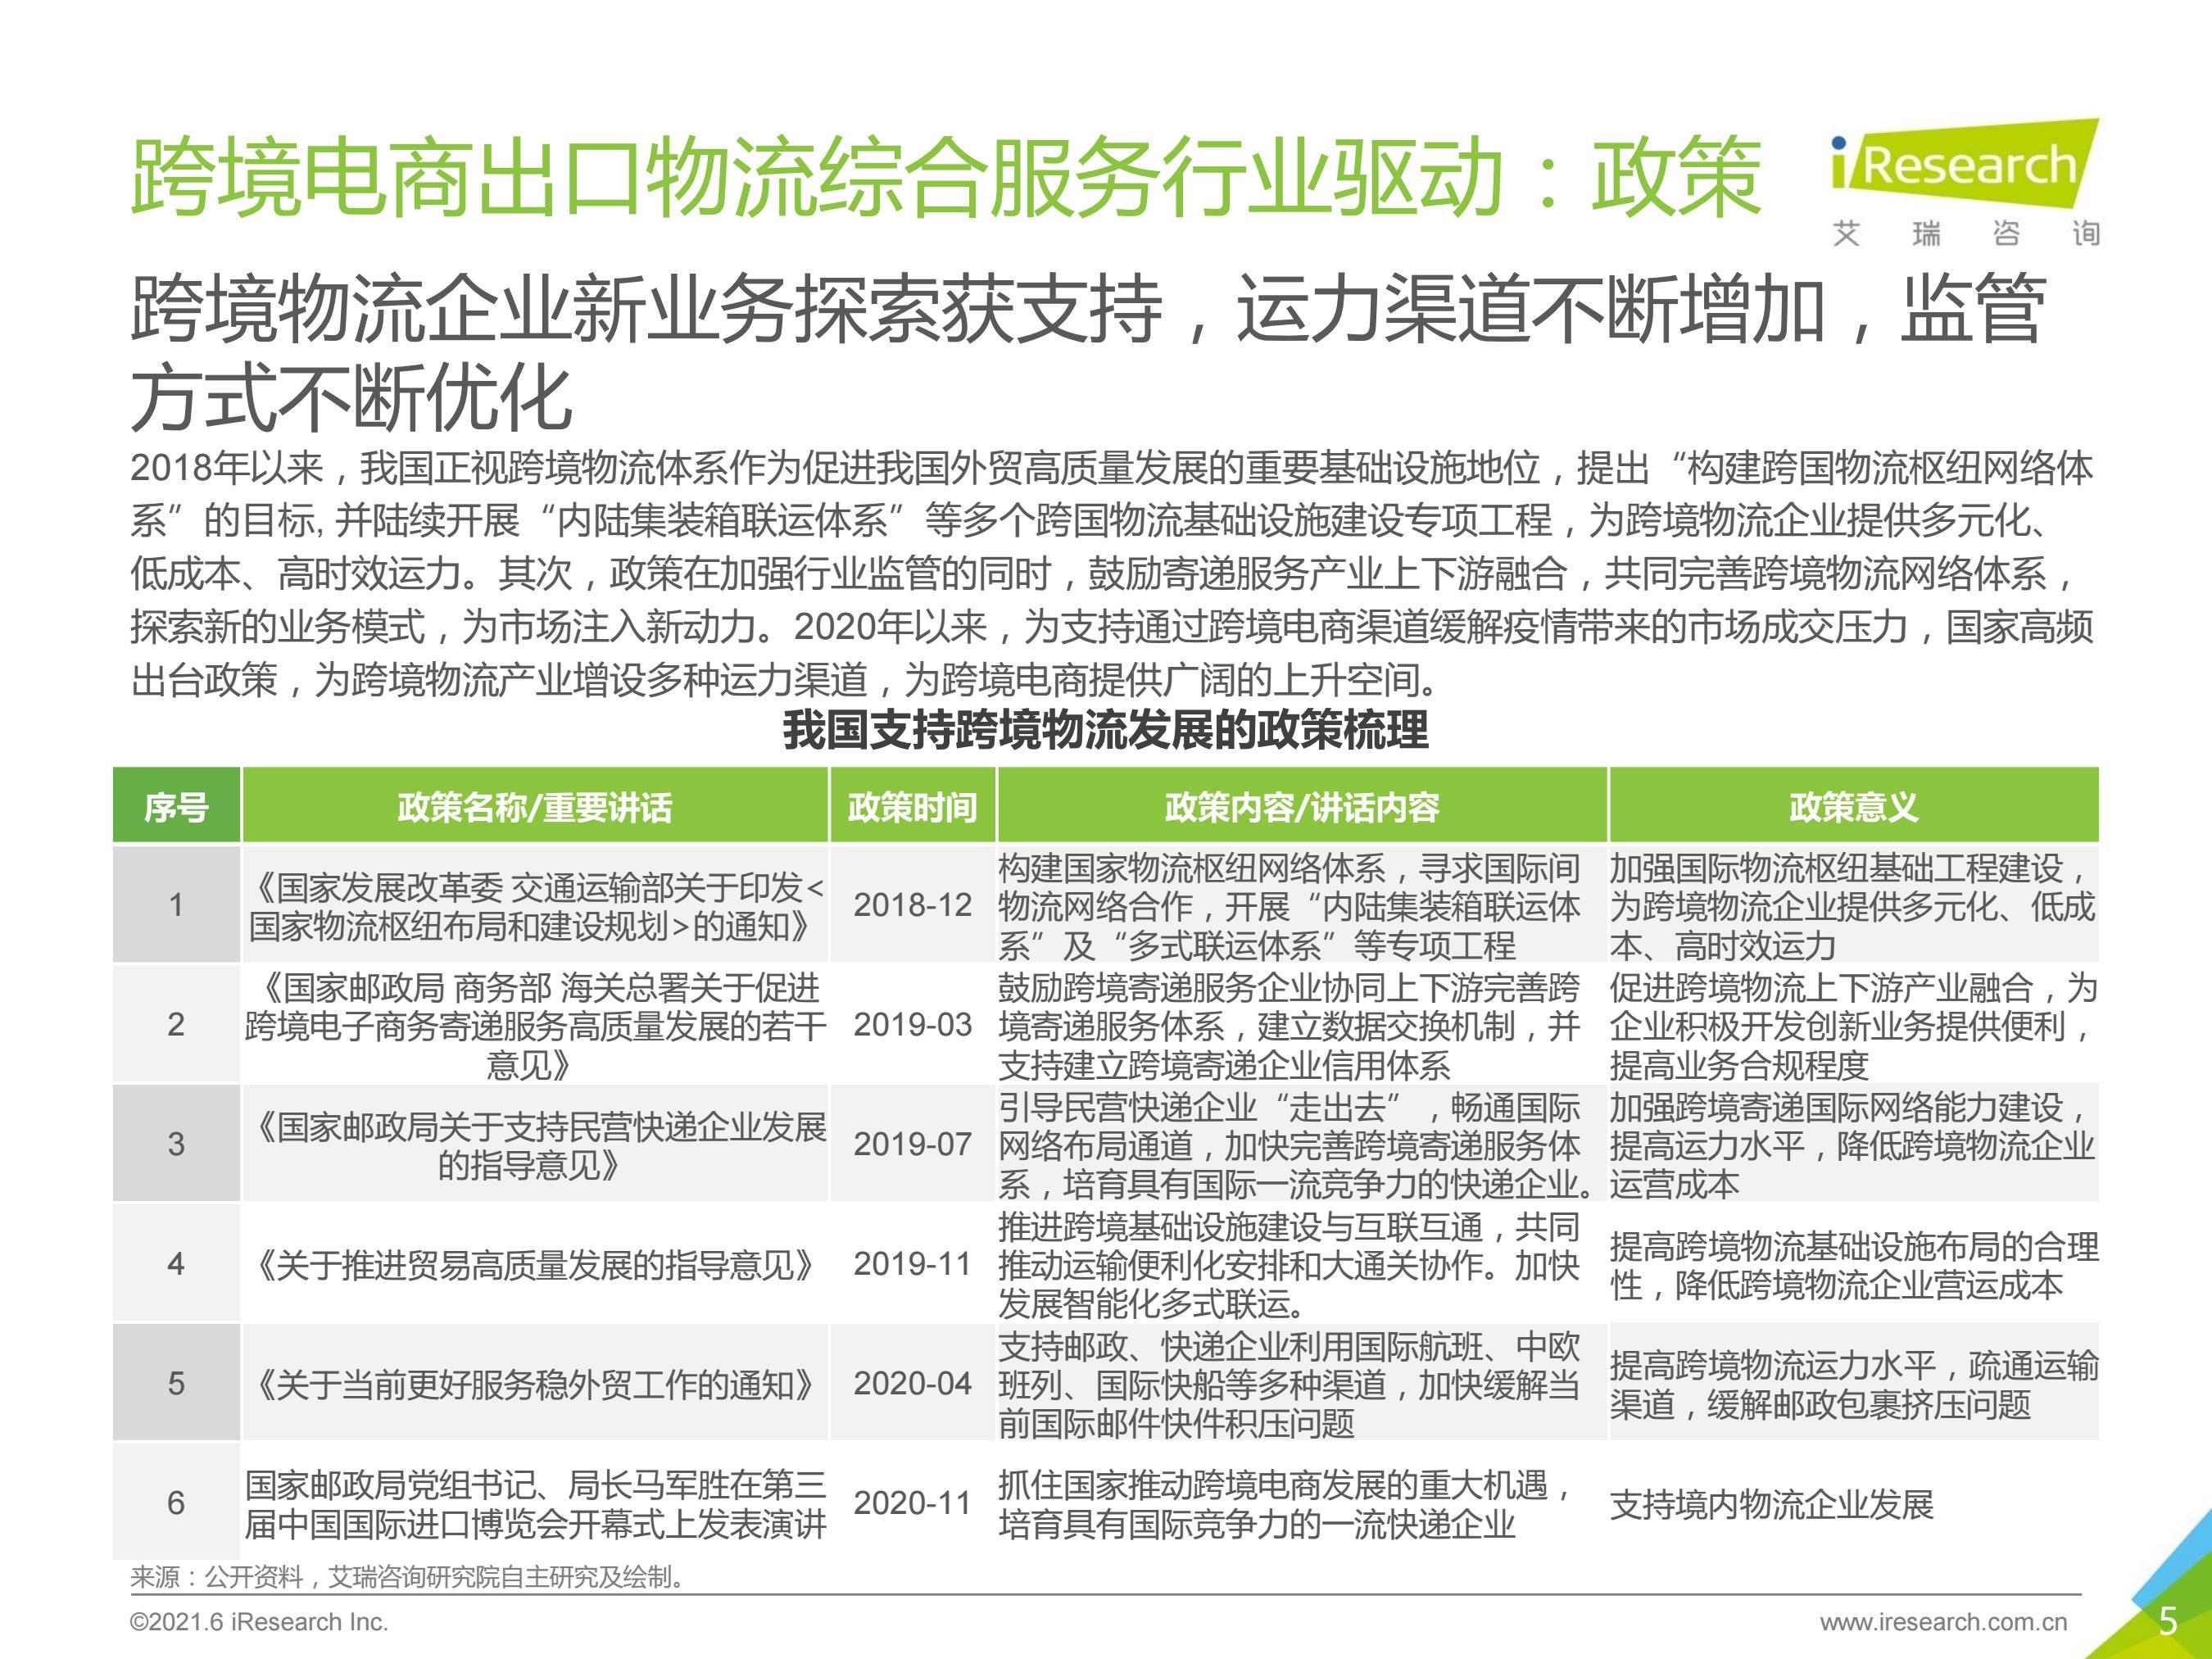 2021年中国跨境电商出口物流服务商行业研究报告,跨境电商人才培训_多媒体课件制作软件_免费跨境电商实战课件课程分享_www.itdayang.com.jpg